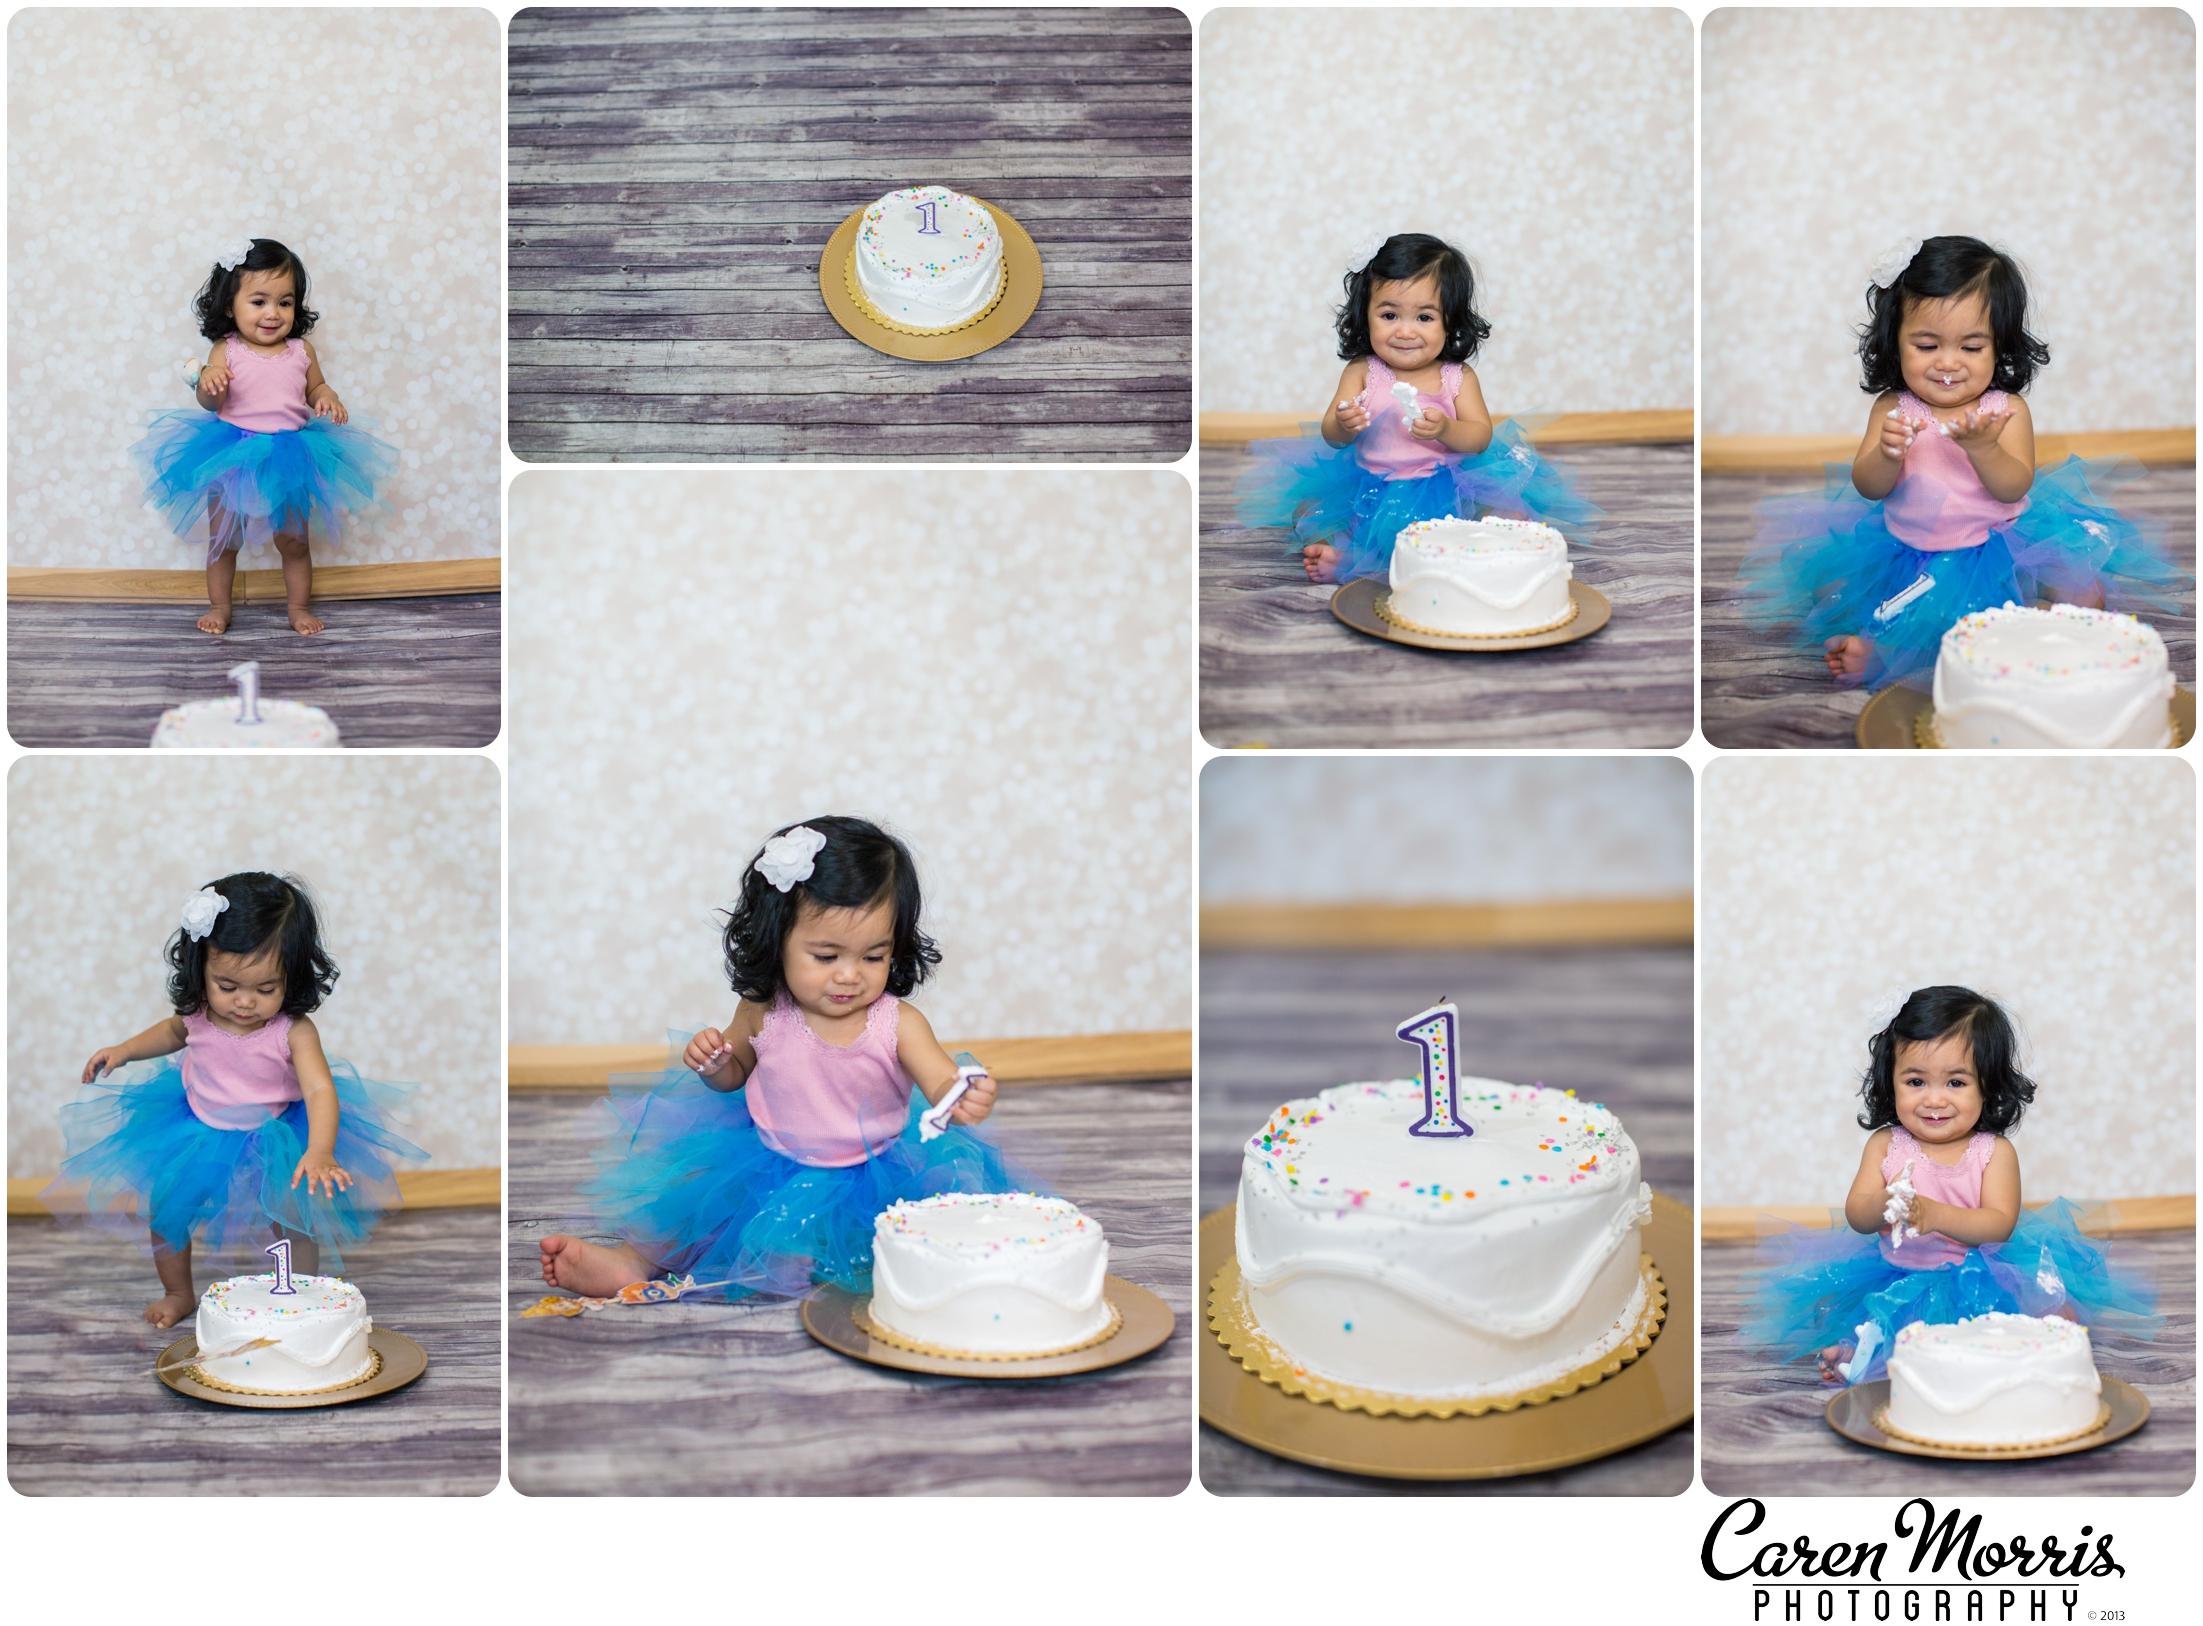 child-photography-cake-smash-seattle